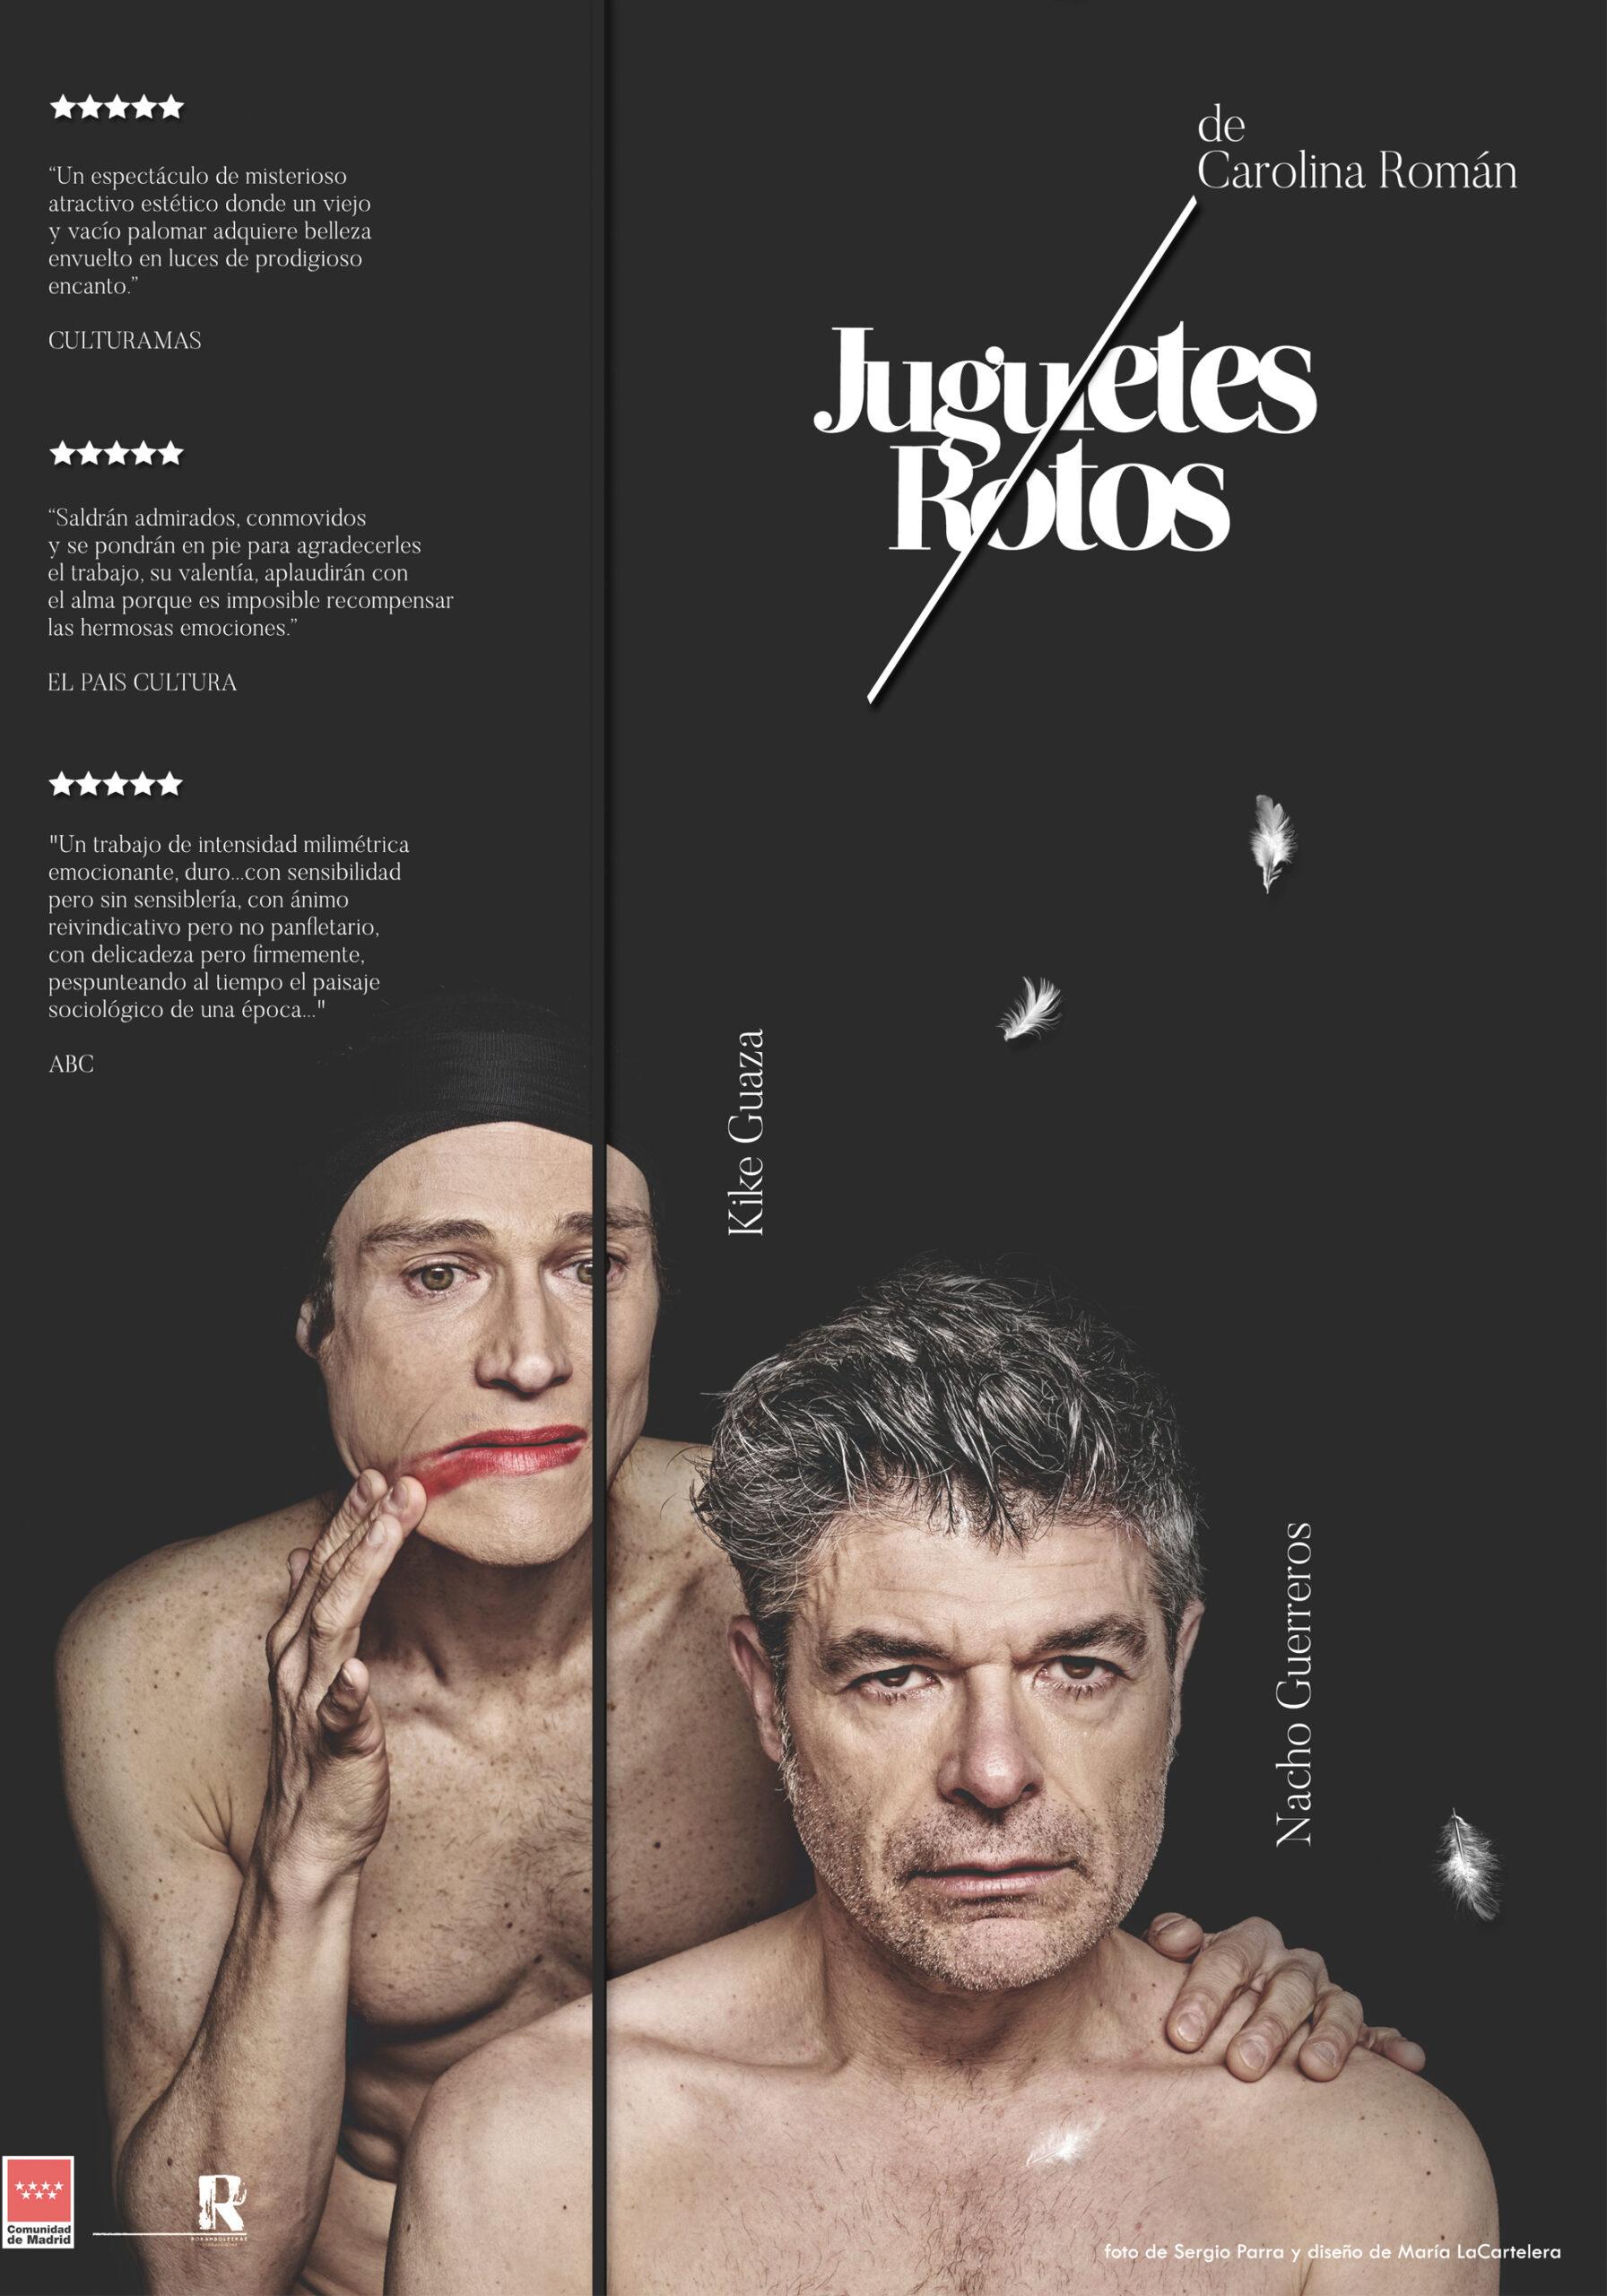 """Este sábado 21, a las 20:30 horas, llega a Palau Altea """"Juguetes Rotos"""", una historia de género, sobre la transexualidad y la identidad sexual, protagonizada por Nacho Guerreros y Kike Guaza."""